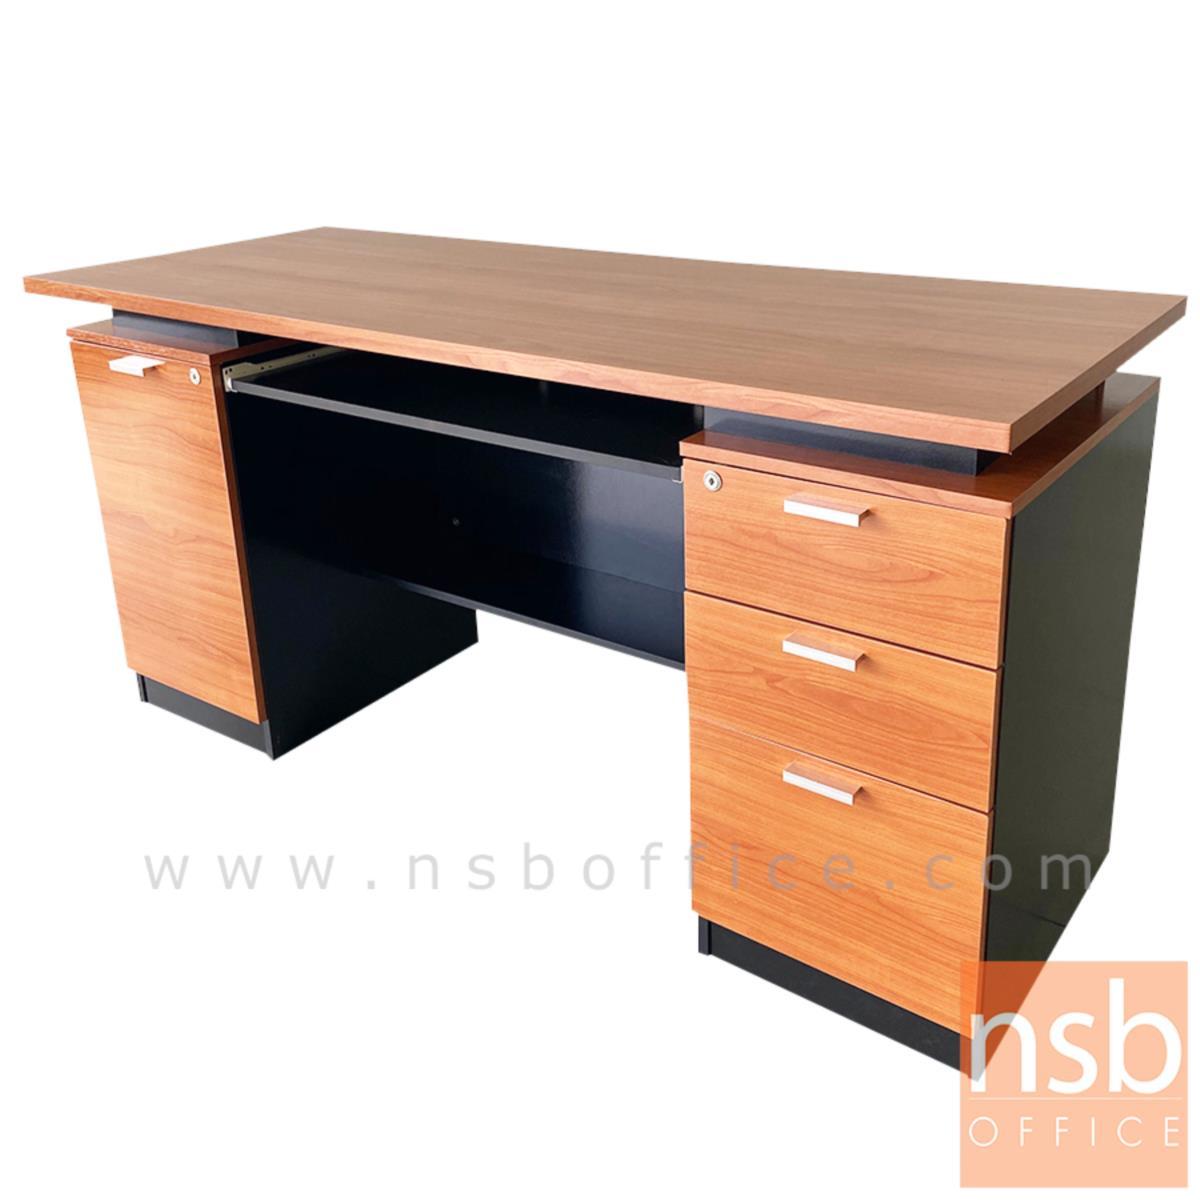 A13A187:โต๊ะคอมพิวเตอร์ 3 ลิ้นชัก 1 บานเปิด รุ่น ID-TIME-23 ขนาด 150W  ,160W cm.  พร้อมรางคีย์บอร์ด สีเชอรี่ดำ